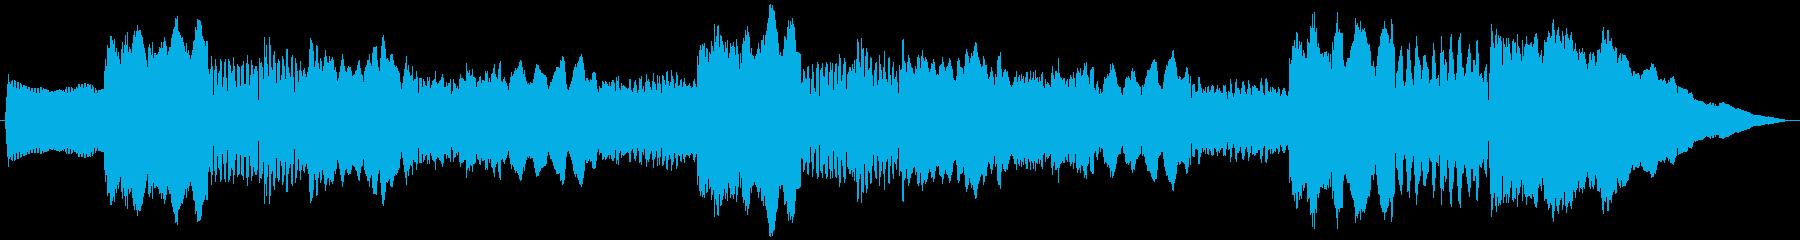 5秒CM用、サウンドロゴverAの再生済みの波形